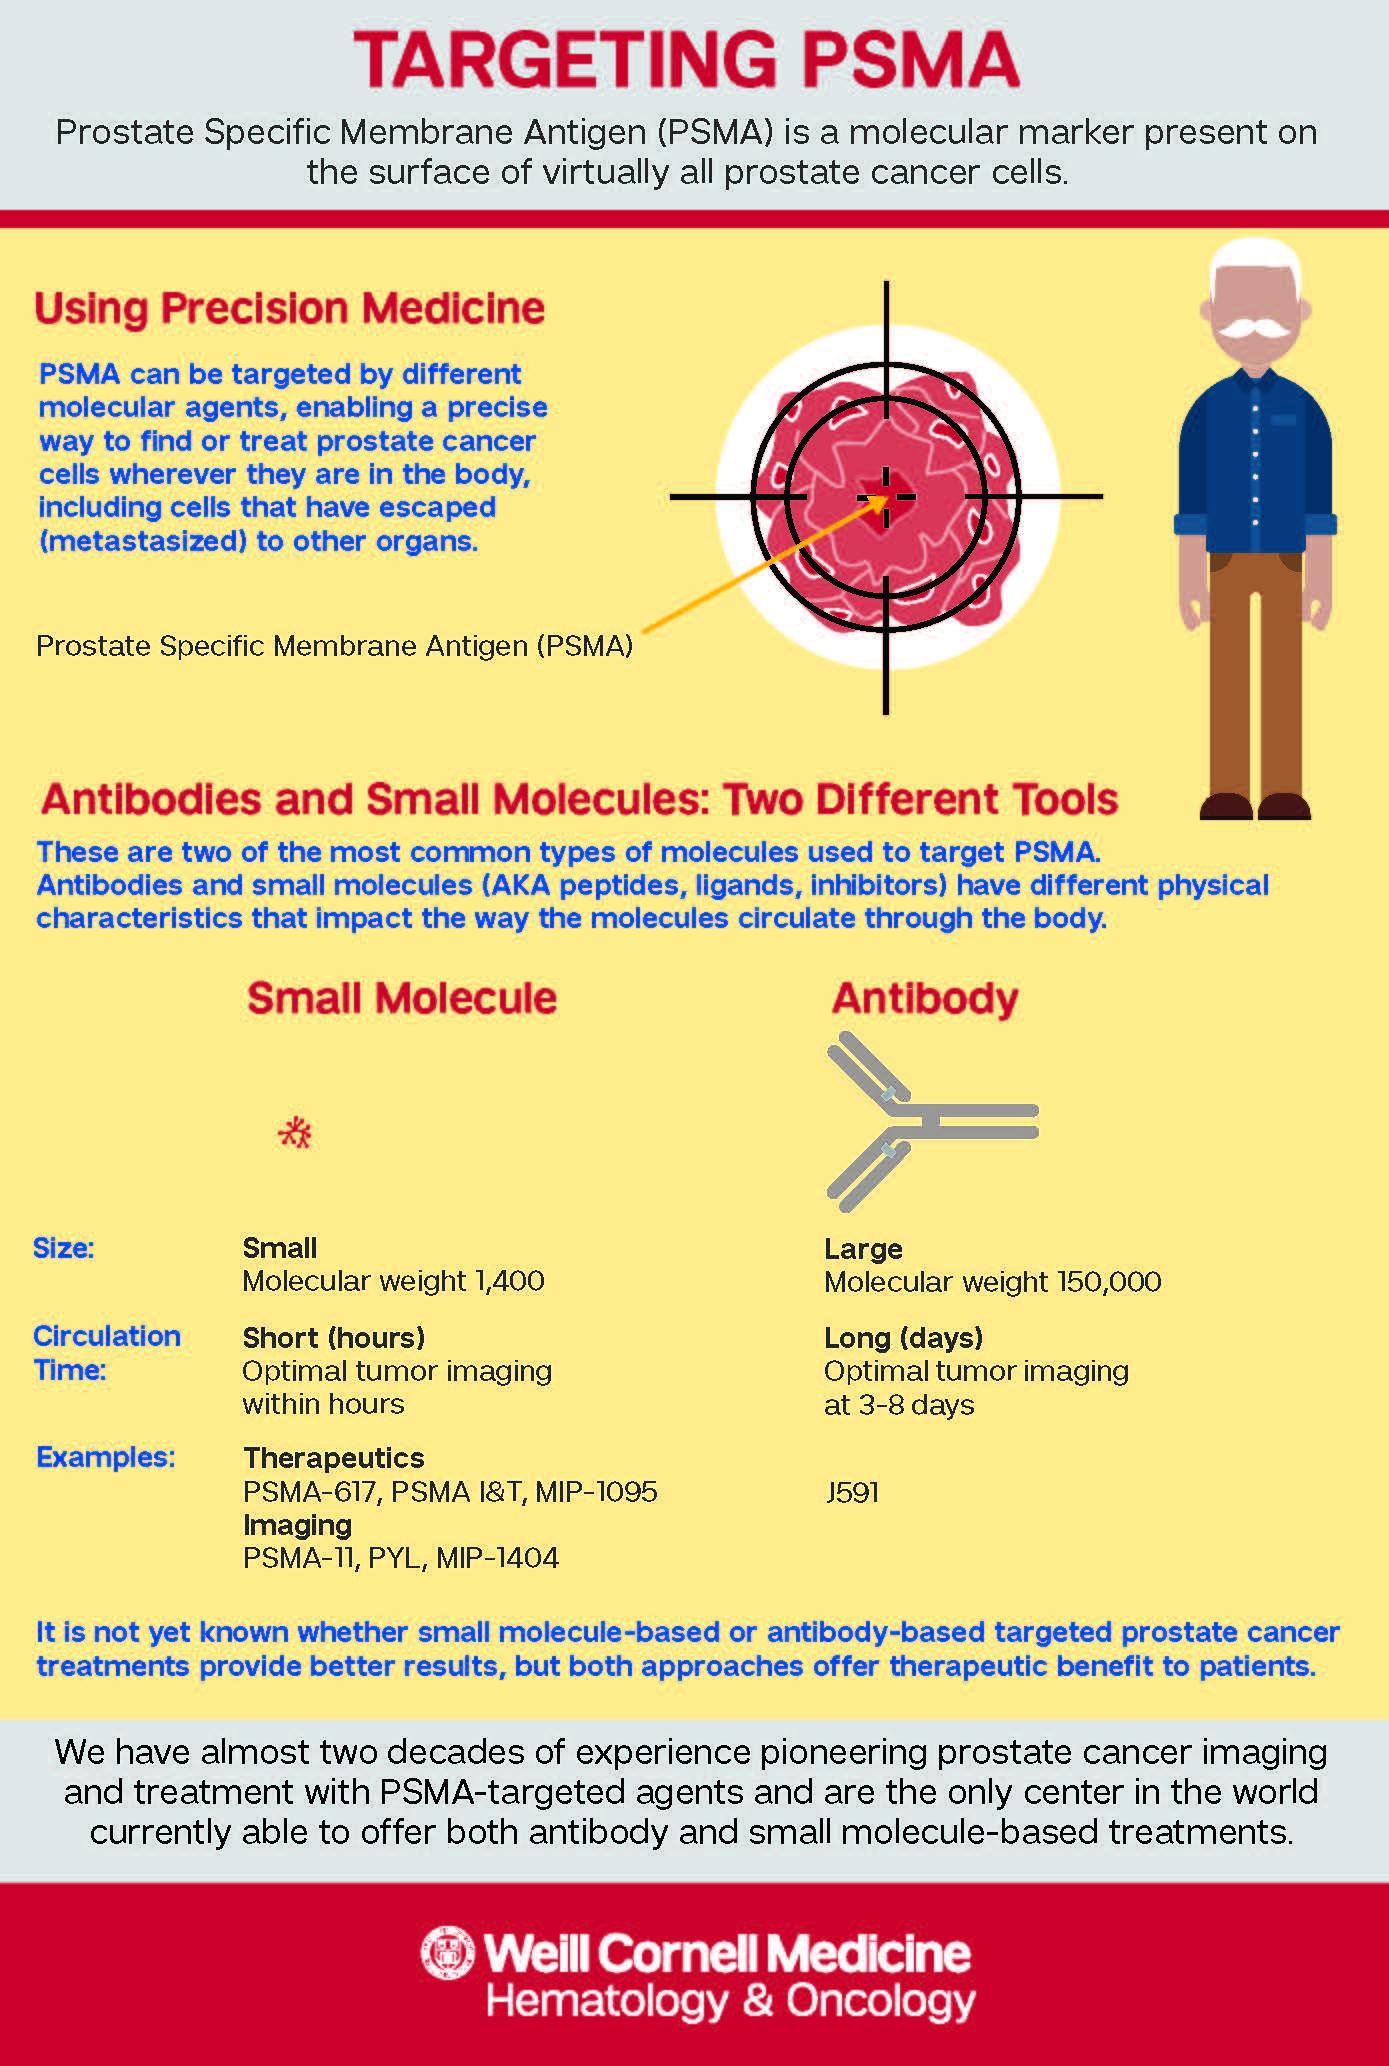 Targeting Prostate-Specific Membrane Antigen (PSMA)